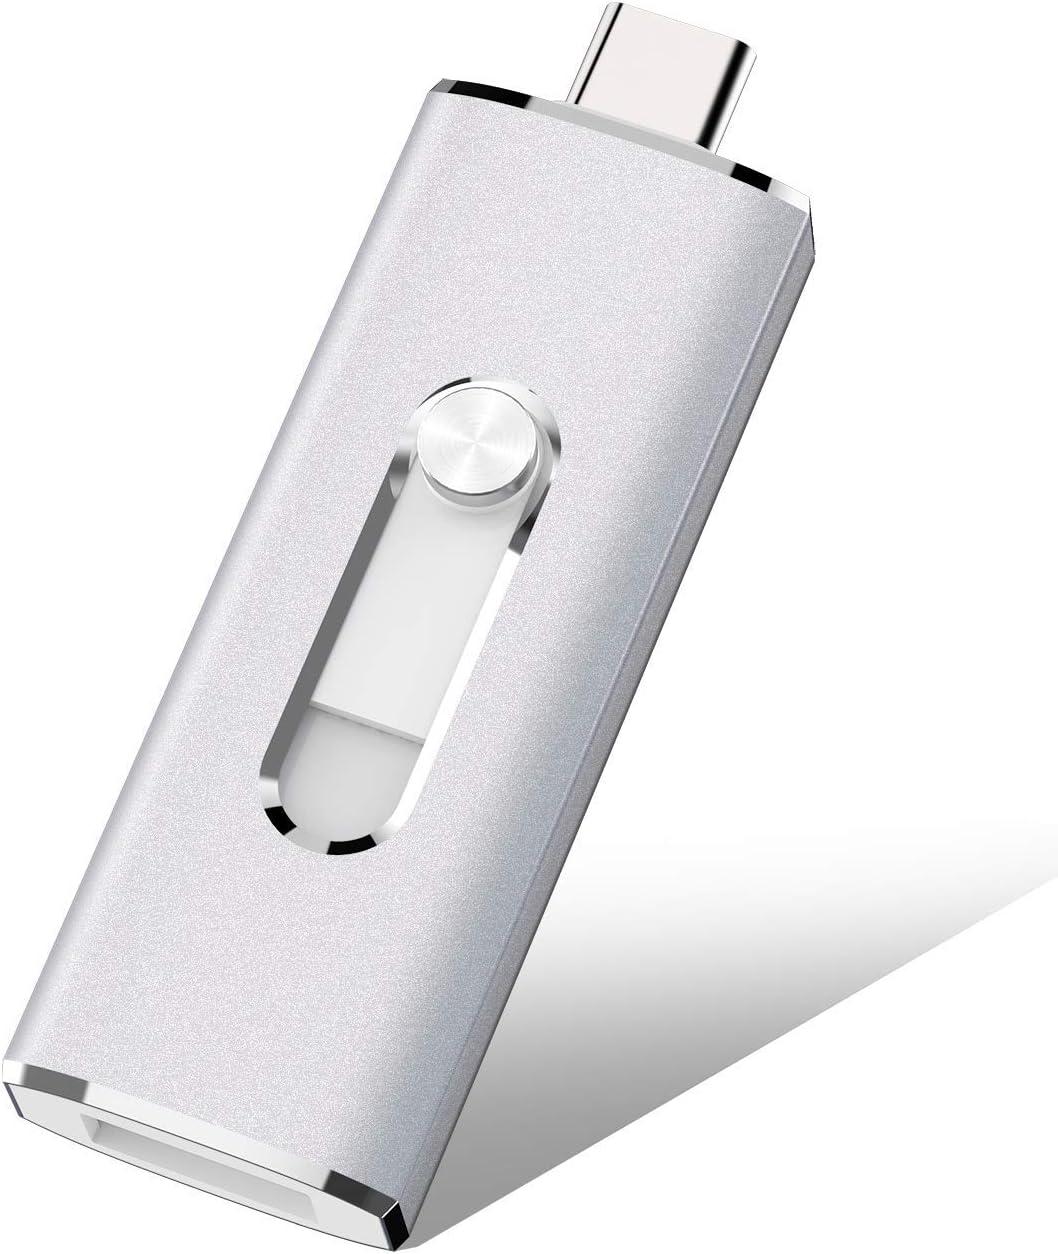 USB C Flash Drive, K&ZZ 64GB 2 in 1 OTG USB Flash Drive Dual Drives(USB 3.1 Gen 2 + USB 3.0) Memory Stick Thumb Drive for Computer, MacBook,Tablet, Pixel,Samsung Galaxy